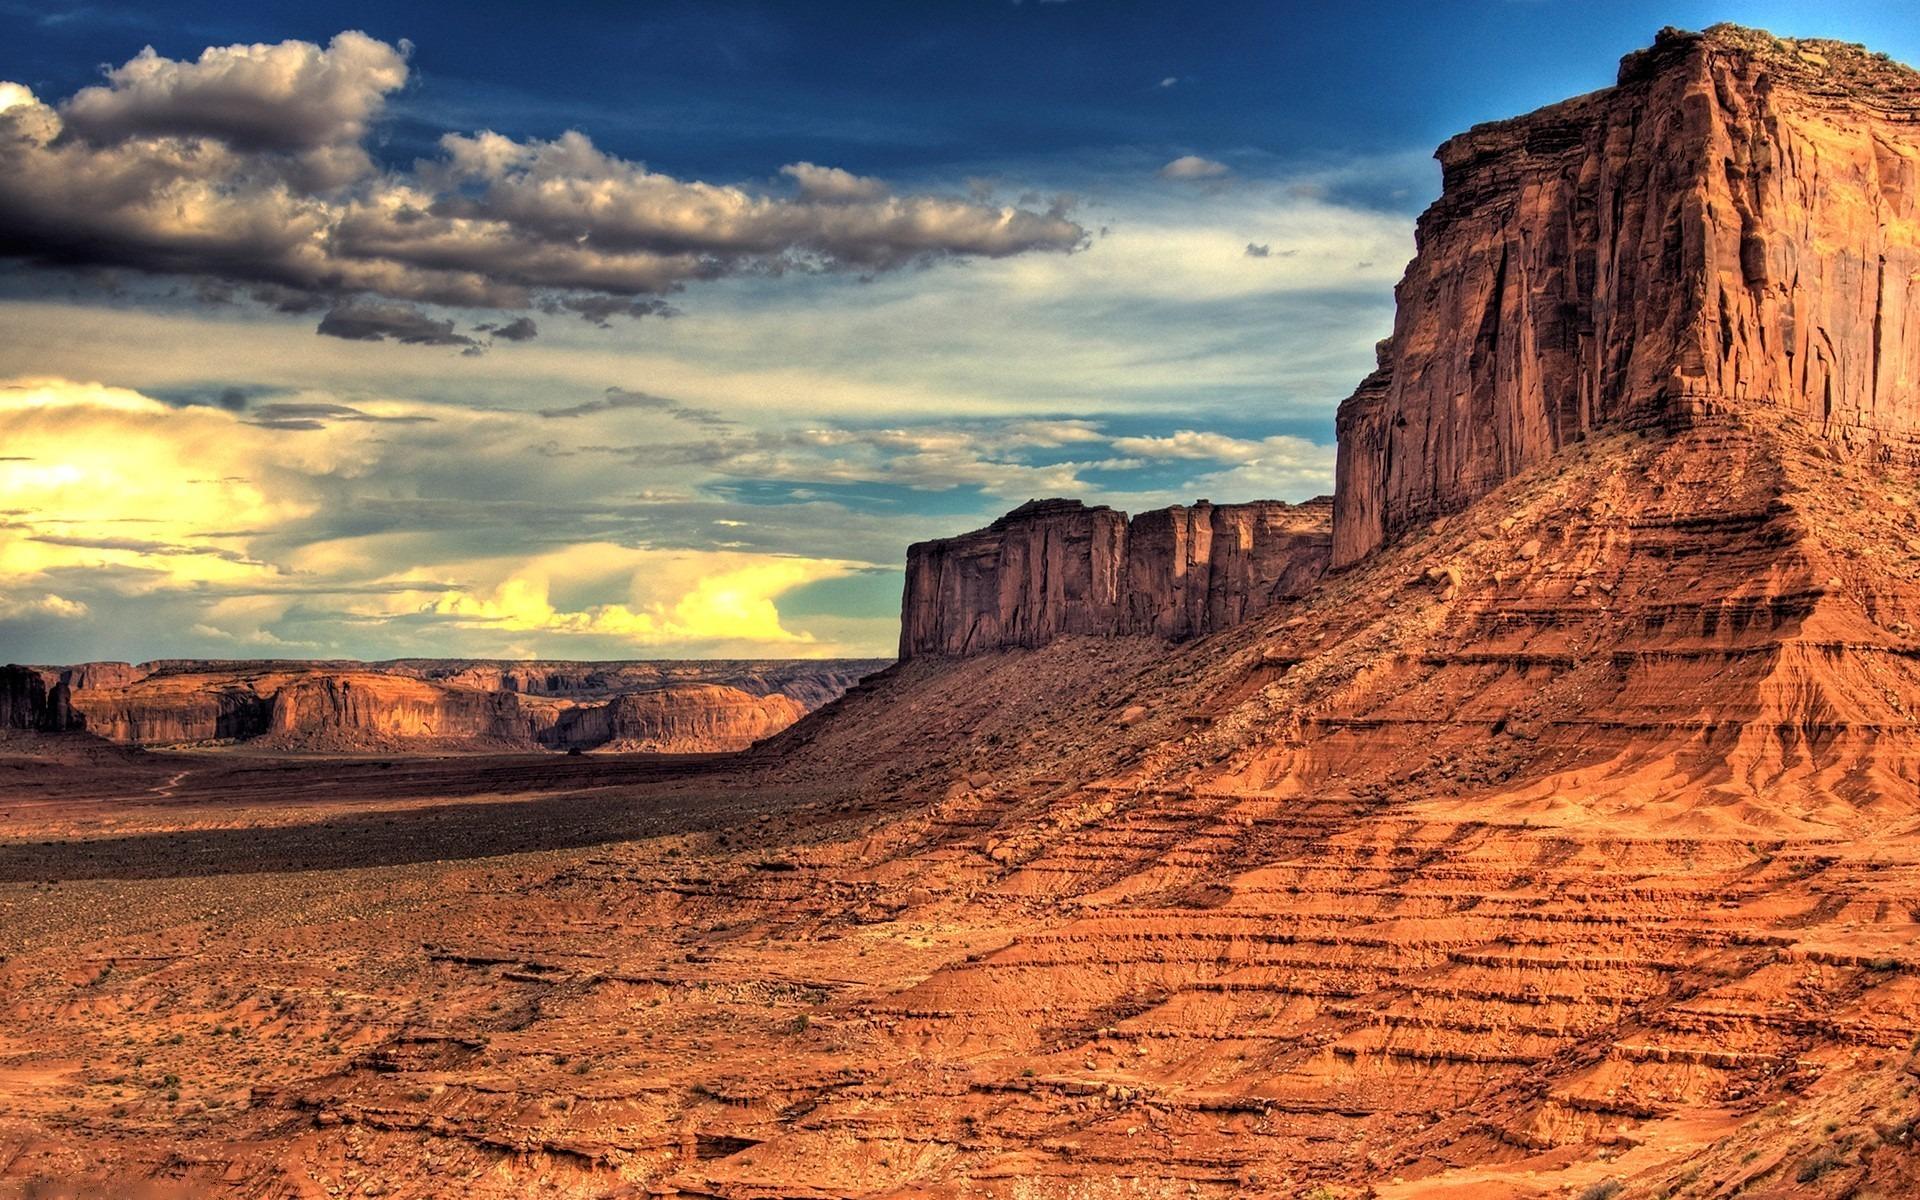 desert landscape wallpaper - photo #38